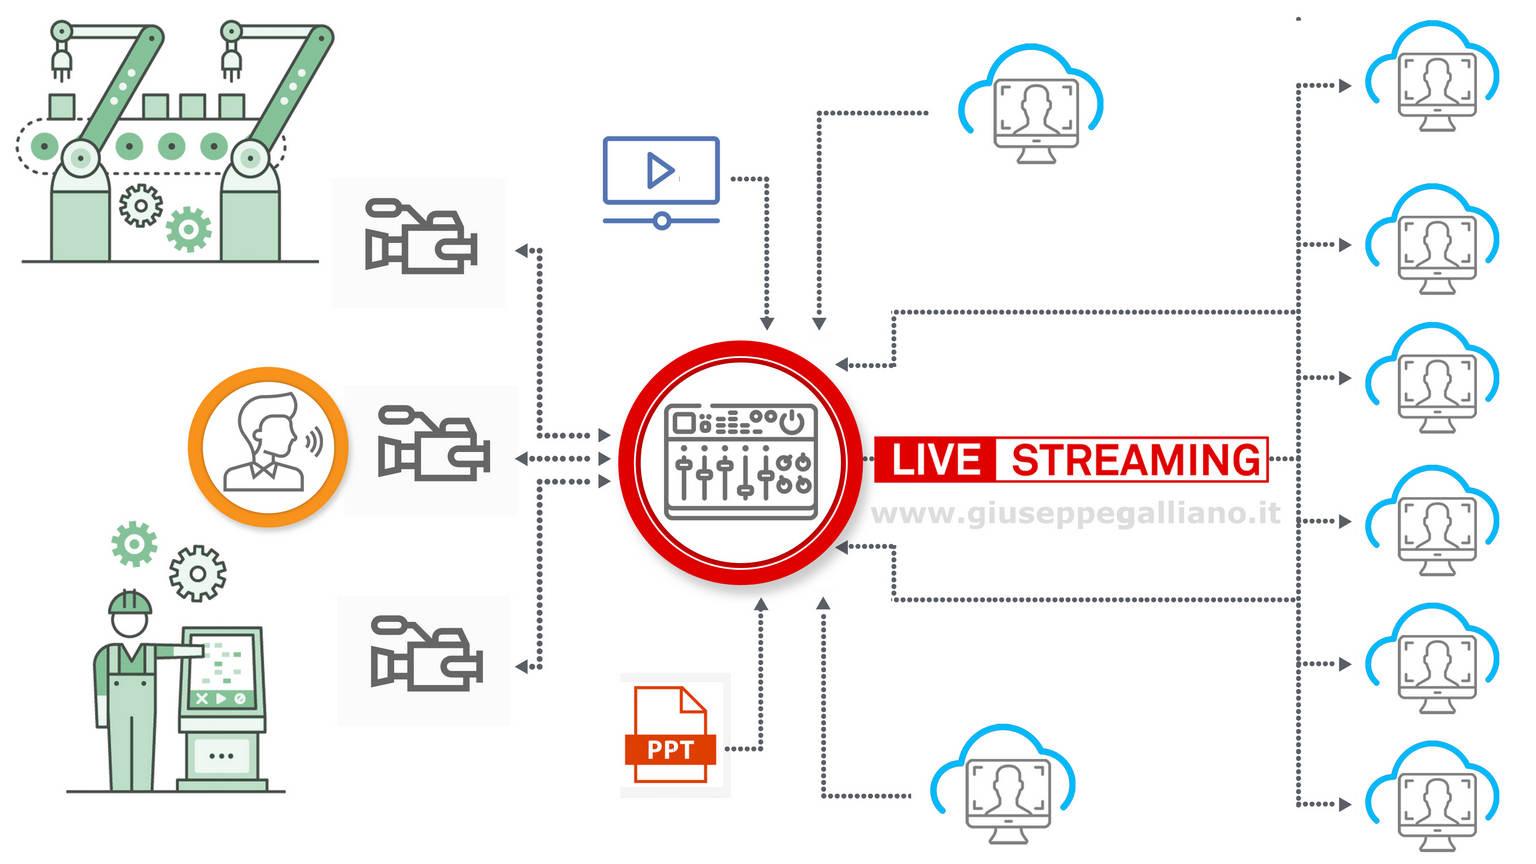 diretta streaming opzione quattro